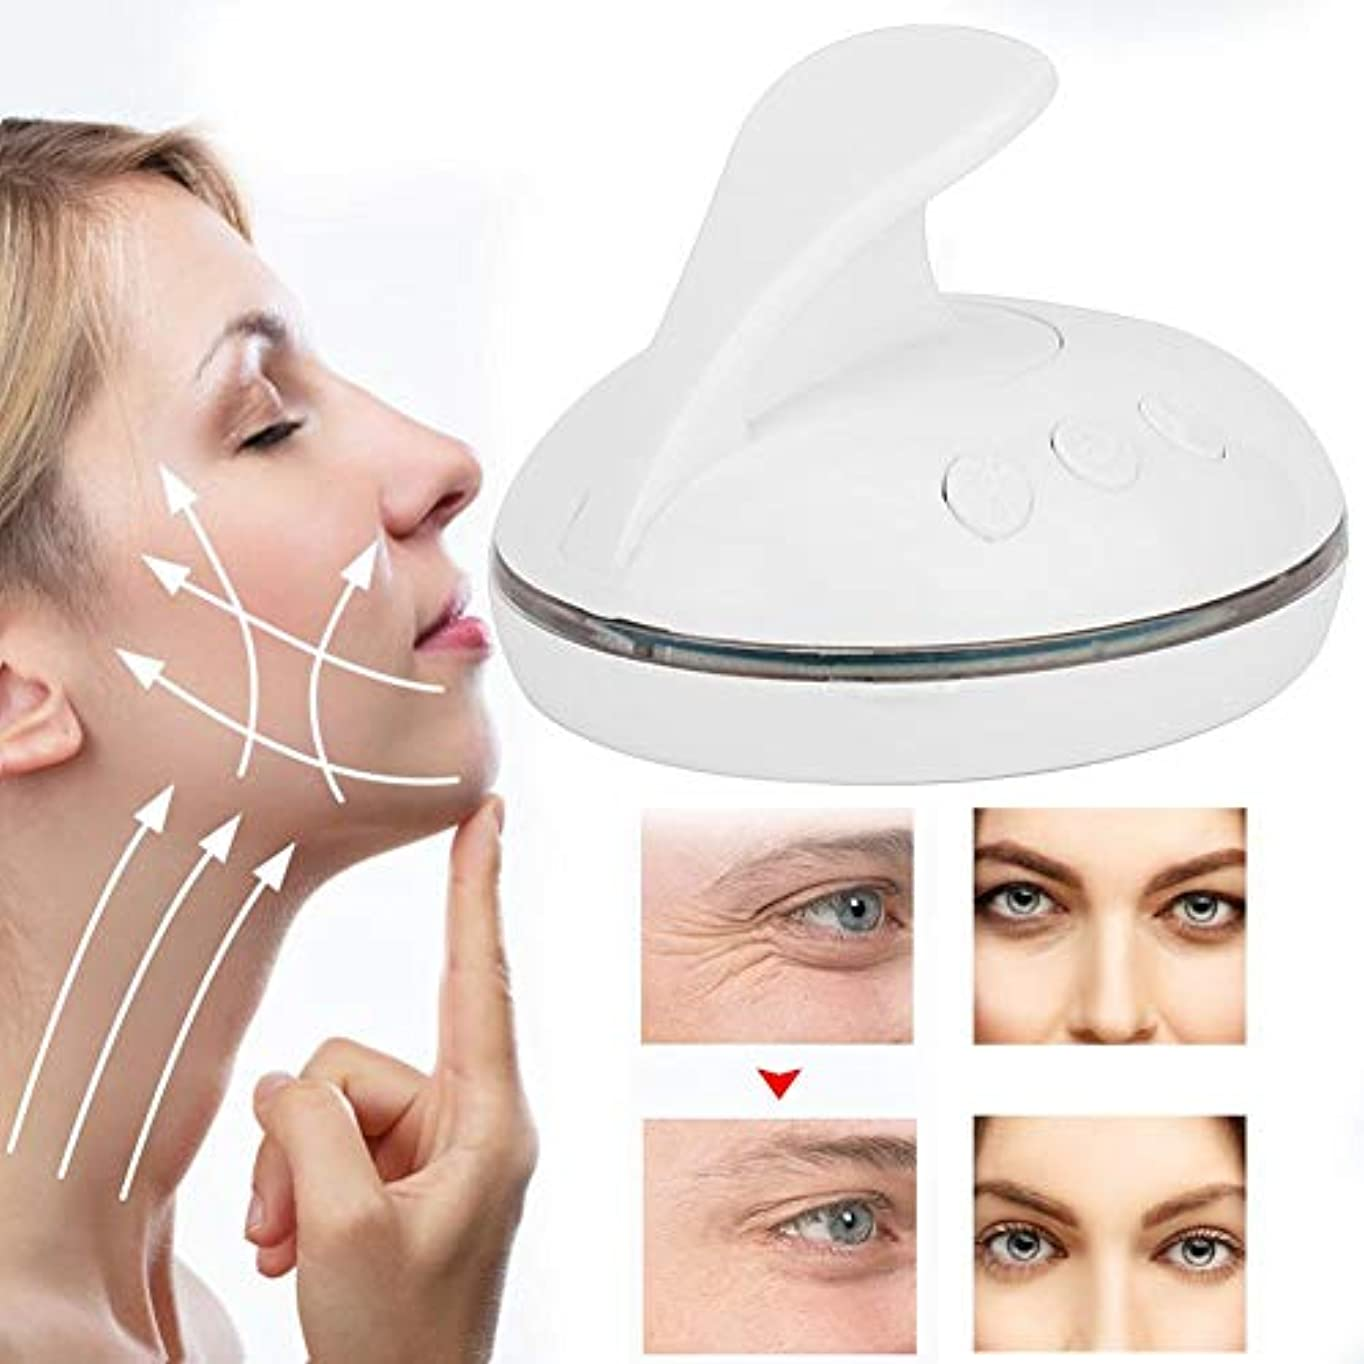 娘エスカレート鳴らすLEDの顔のスキンケア機械、3色の軽い若返りの器械の改装の反老化の表面スキンケアのマッサージャーは顔の反しわをきつく締めます